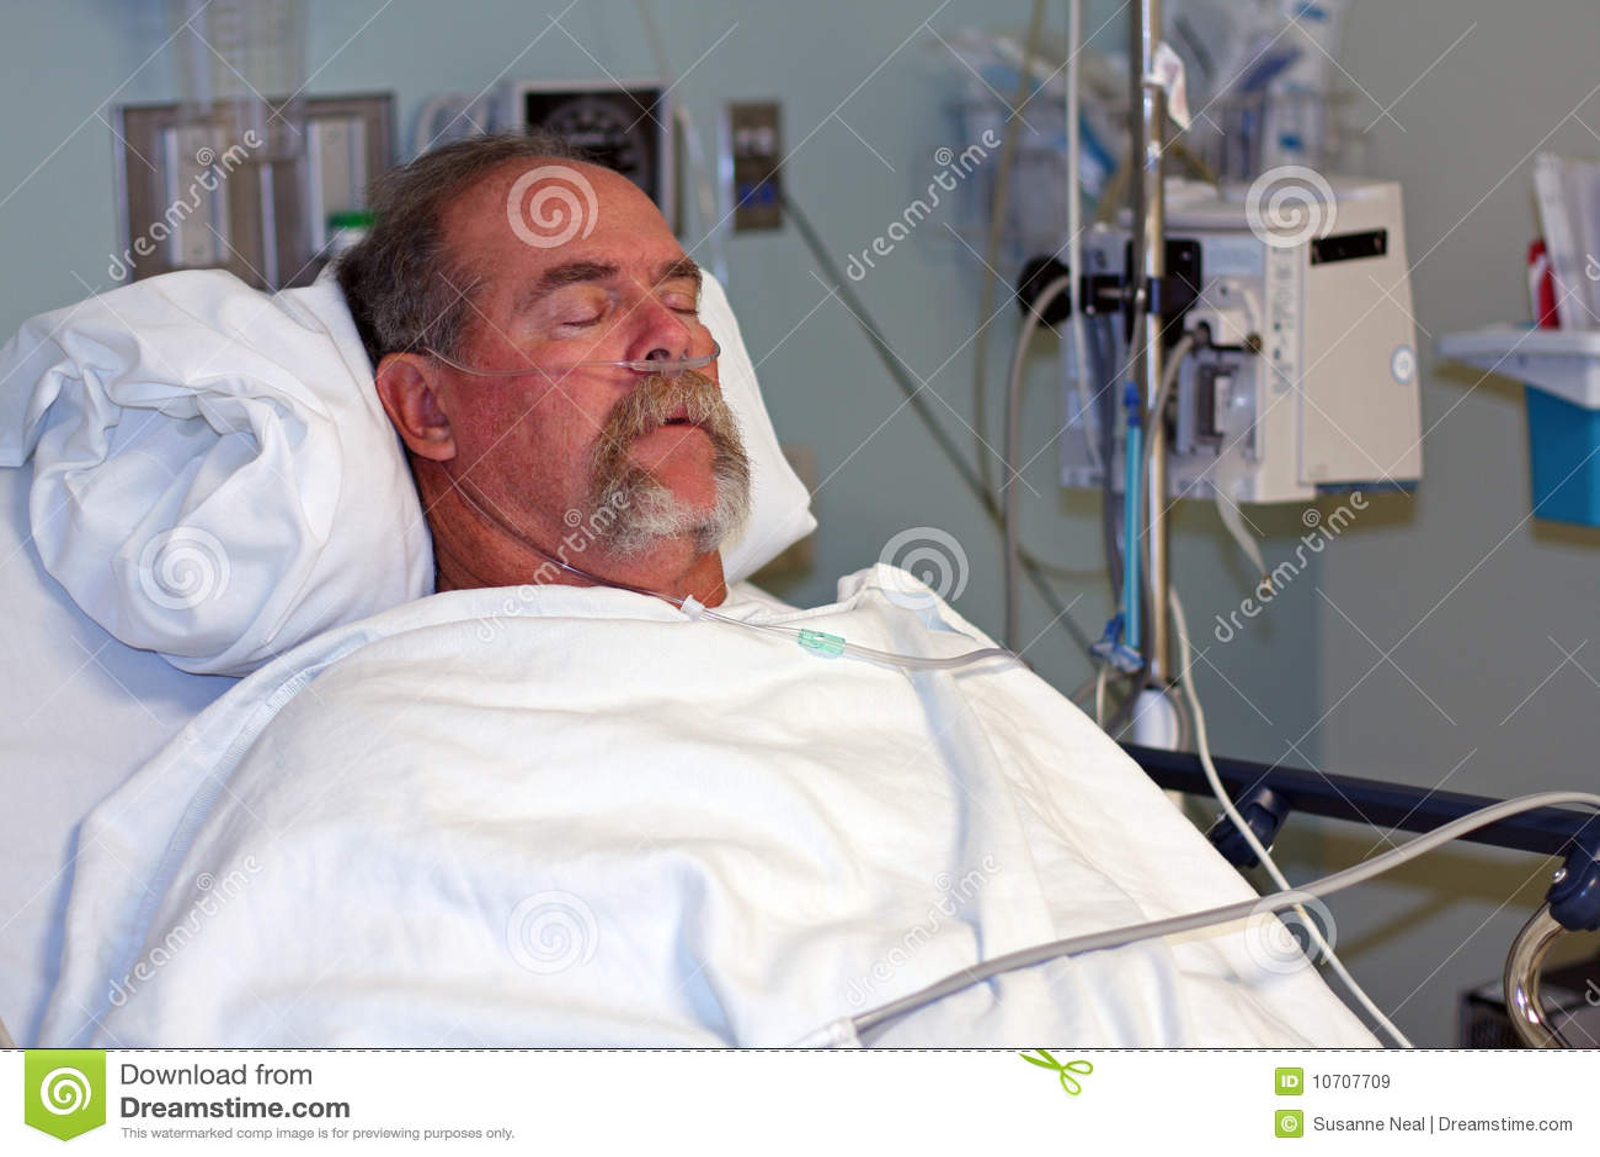 Man in hospital bed asleep